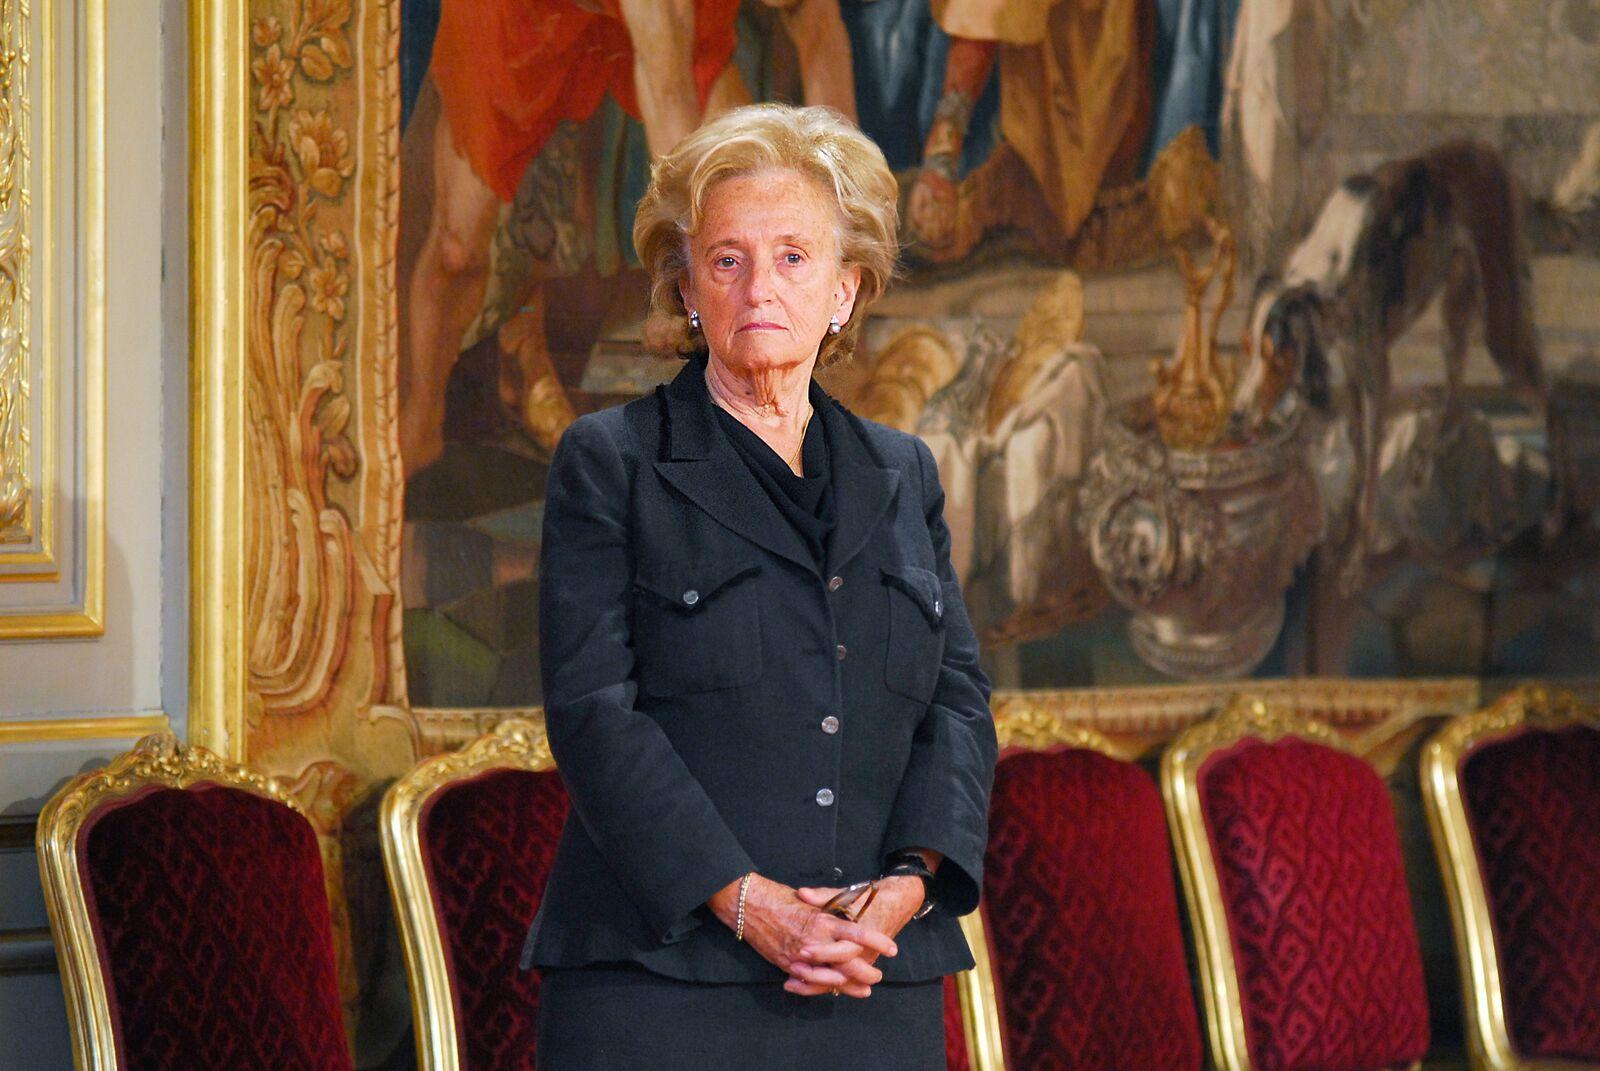 Bernadette, l'épouse de l'ancien président français Jacques Chirac, pose au Palais de l'Elysée. | Photo : GettyImage